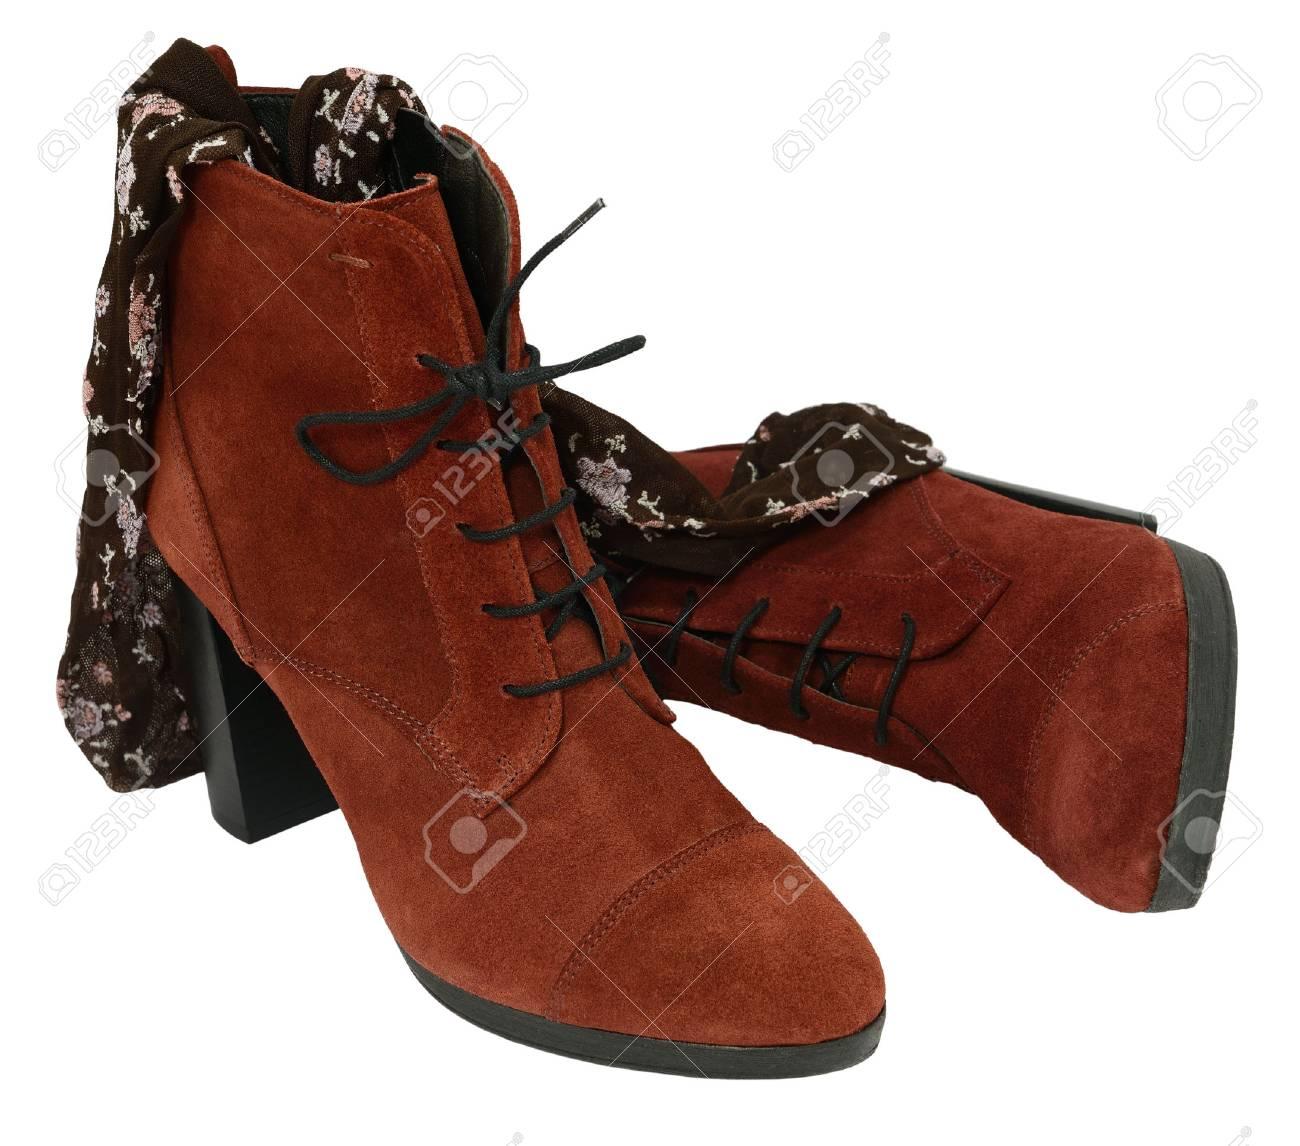 Stiefel und strumpfhosen